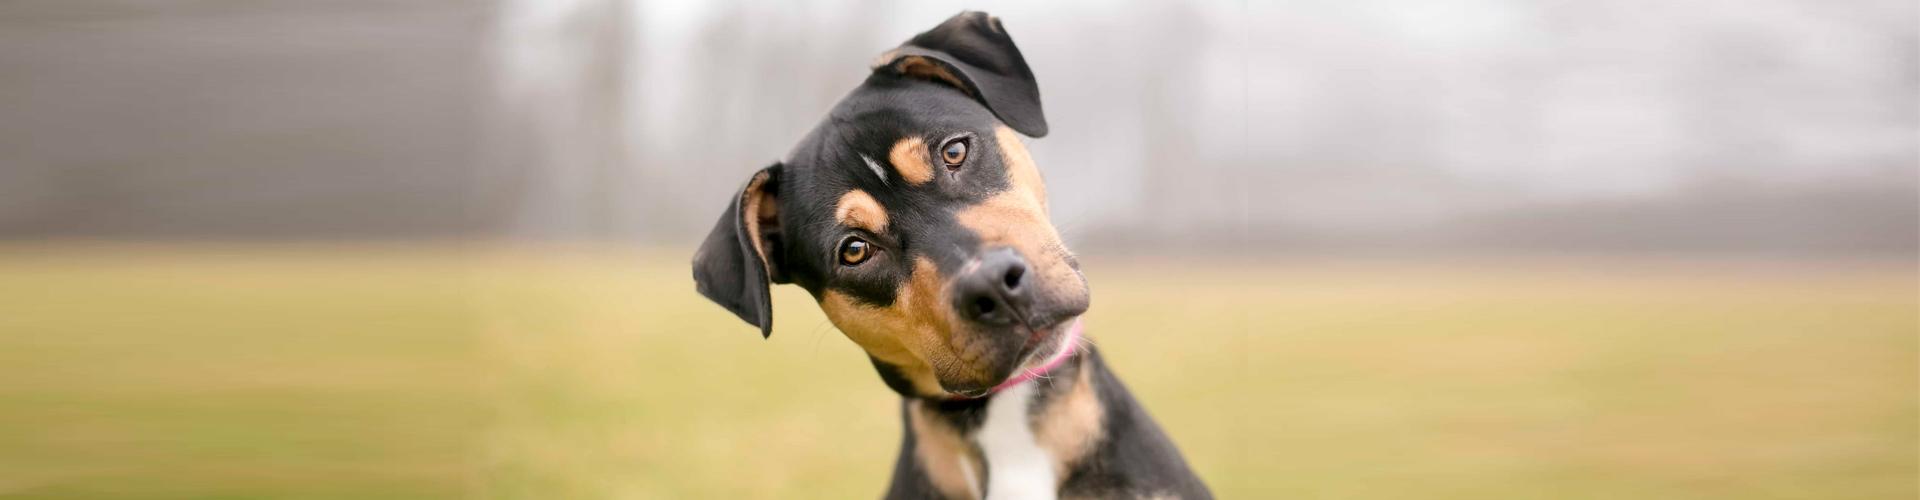 Crematorio de mascotas Servicio Incineración de mascotas y otros animales para particulares y veterinarios